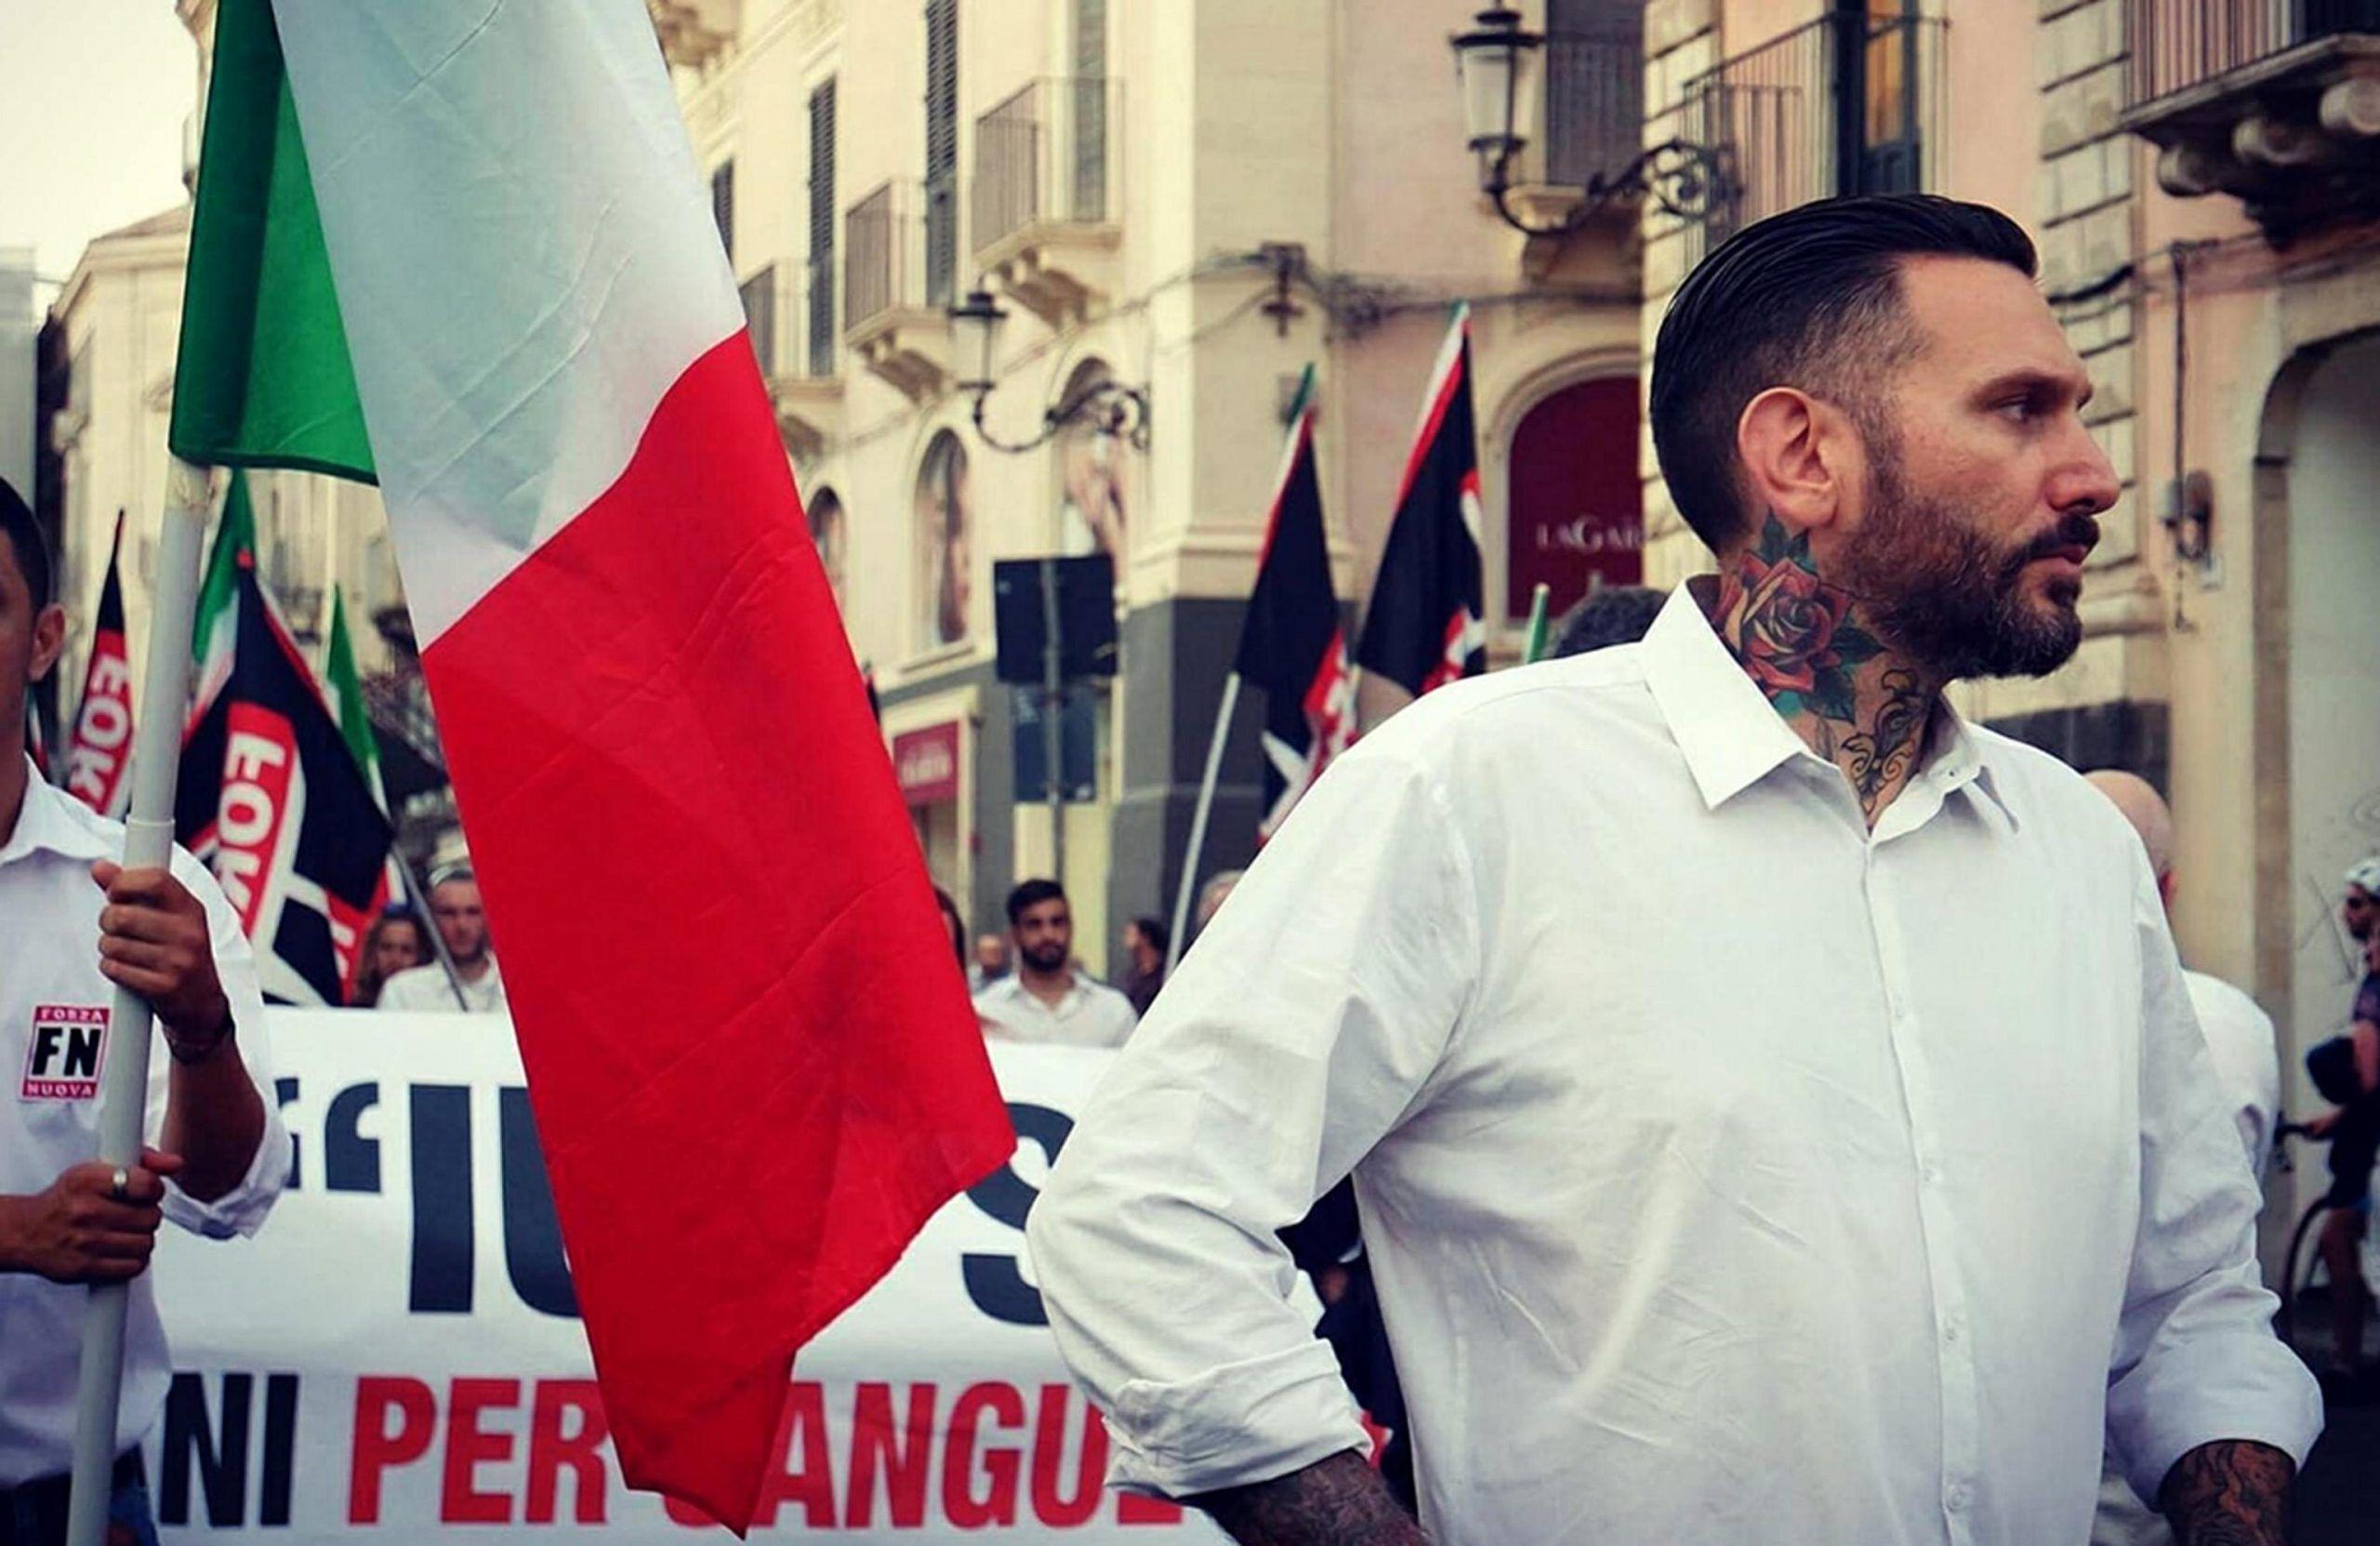 Militante di Forza Nuova picchiato e legato mani e piedi a Palermo: 2 fermati